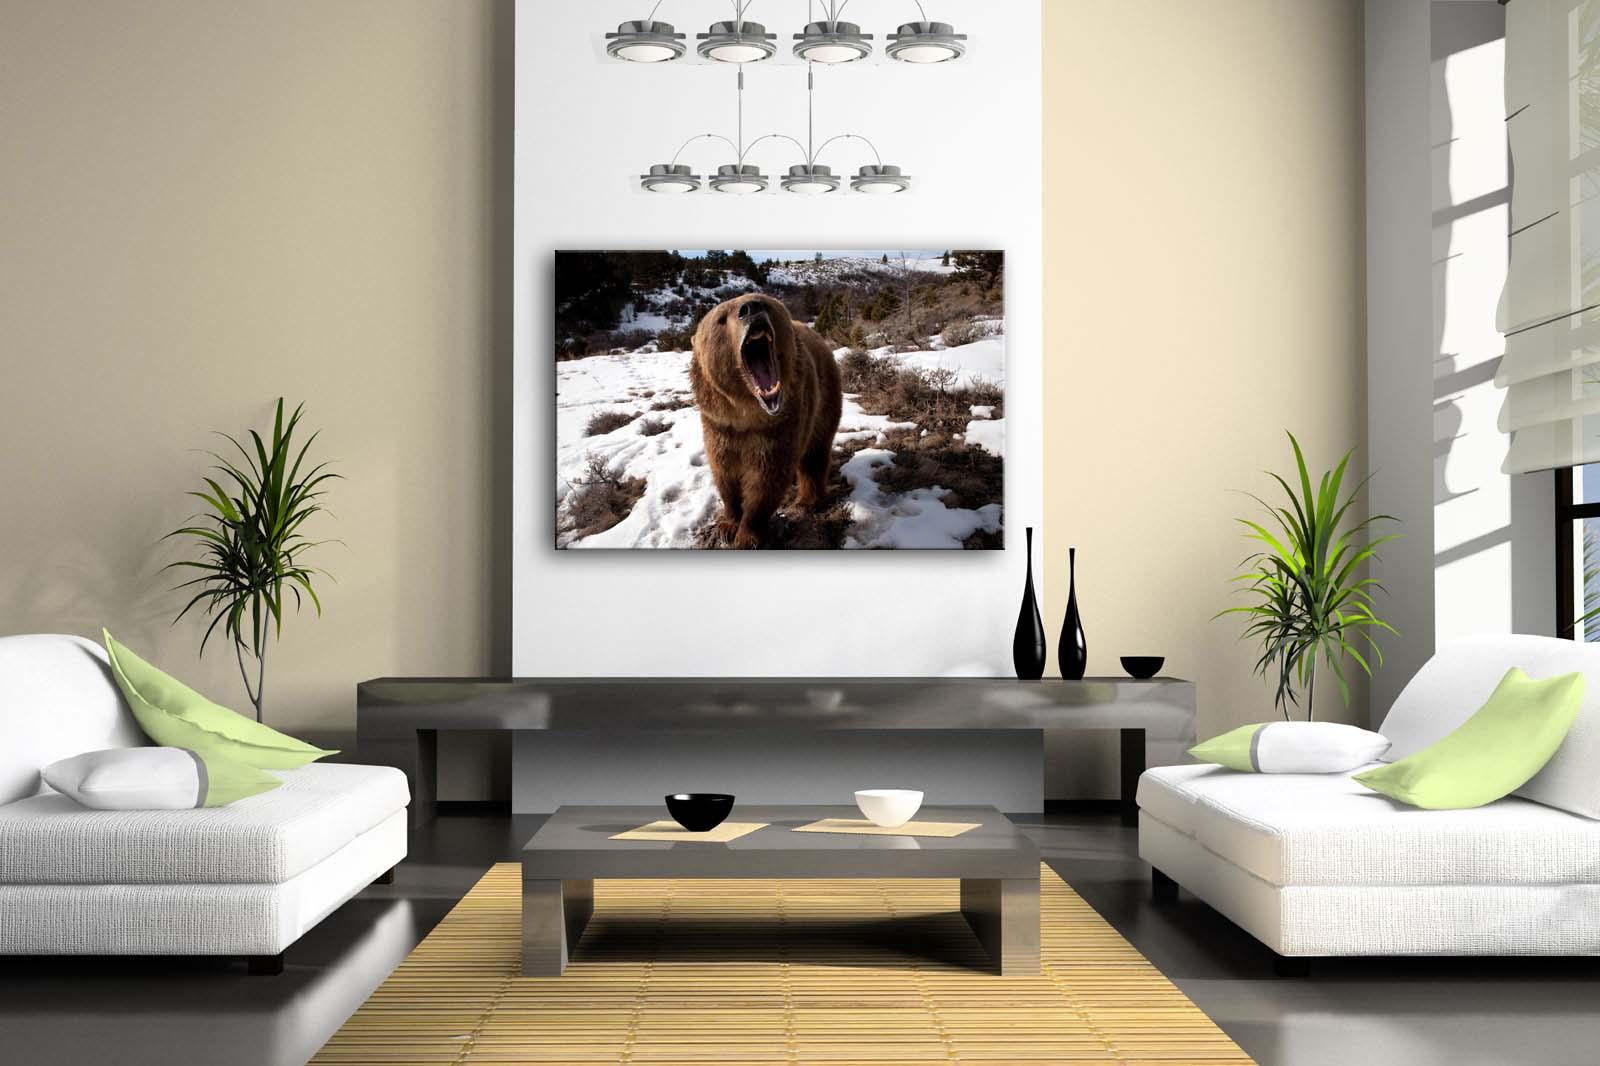 Encadrée mur Art photos ours Snowfield herbe arbre toile impression Animal moderne affiches avec cadres en bois pour salon - 2